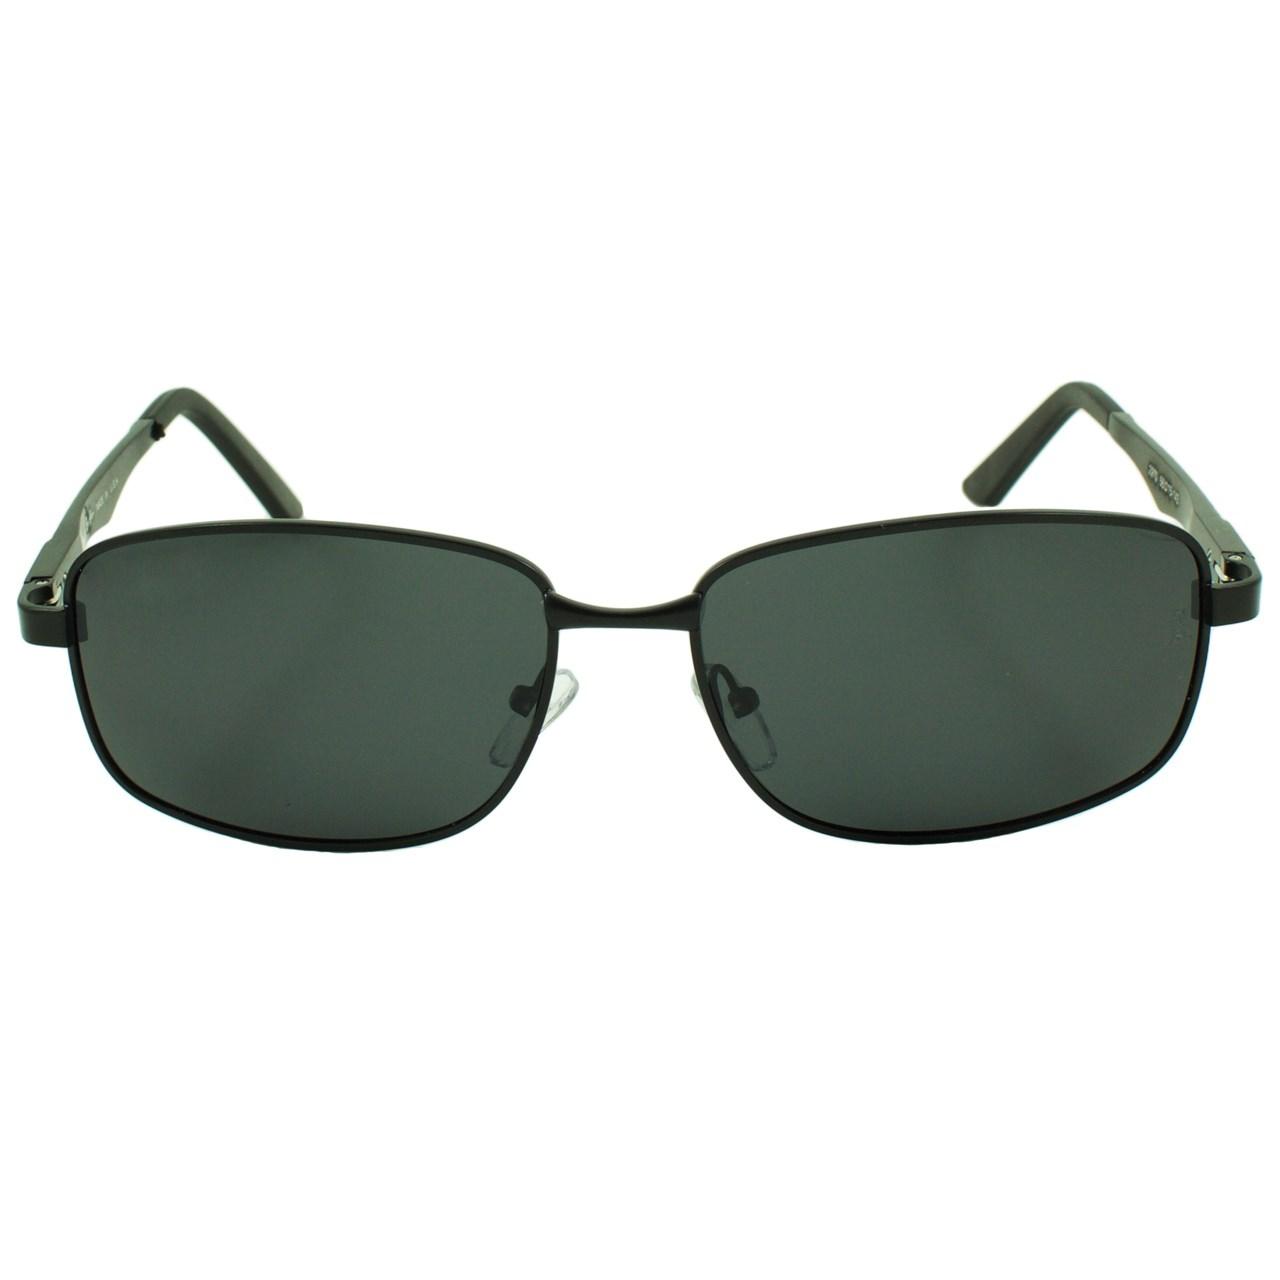 قیمت عینک آفتابی مدل Pure Metal Design 2018